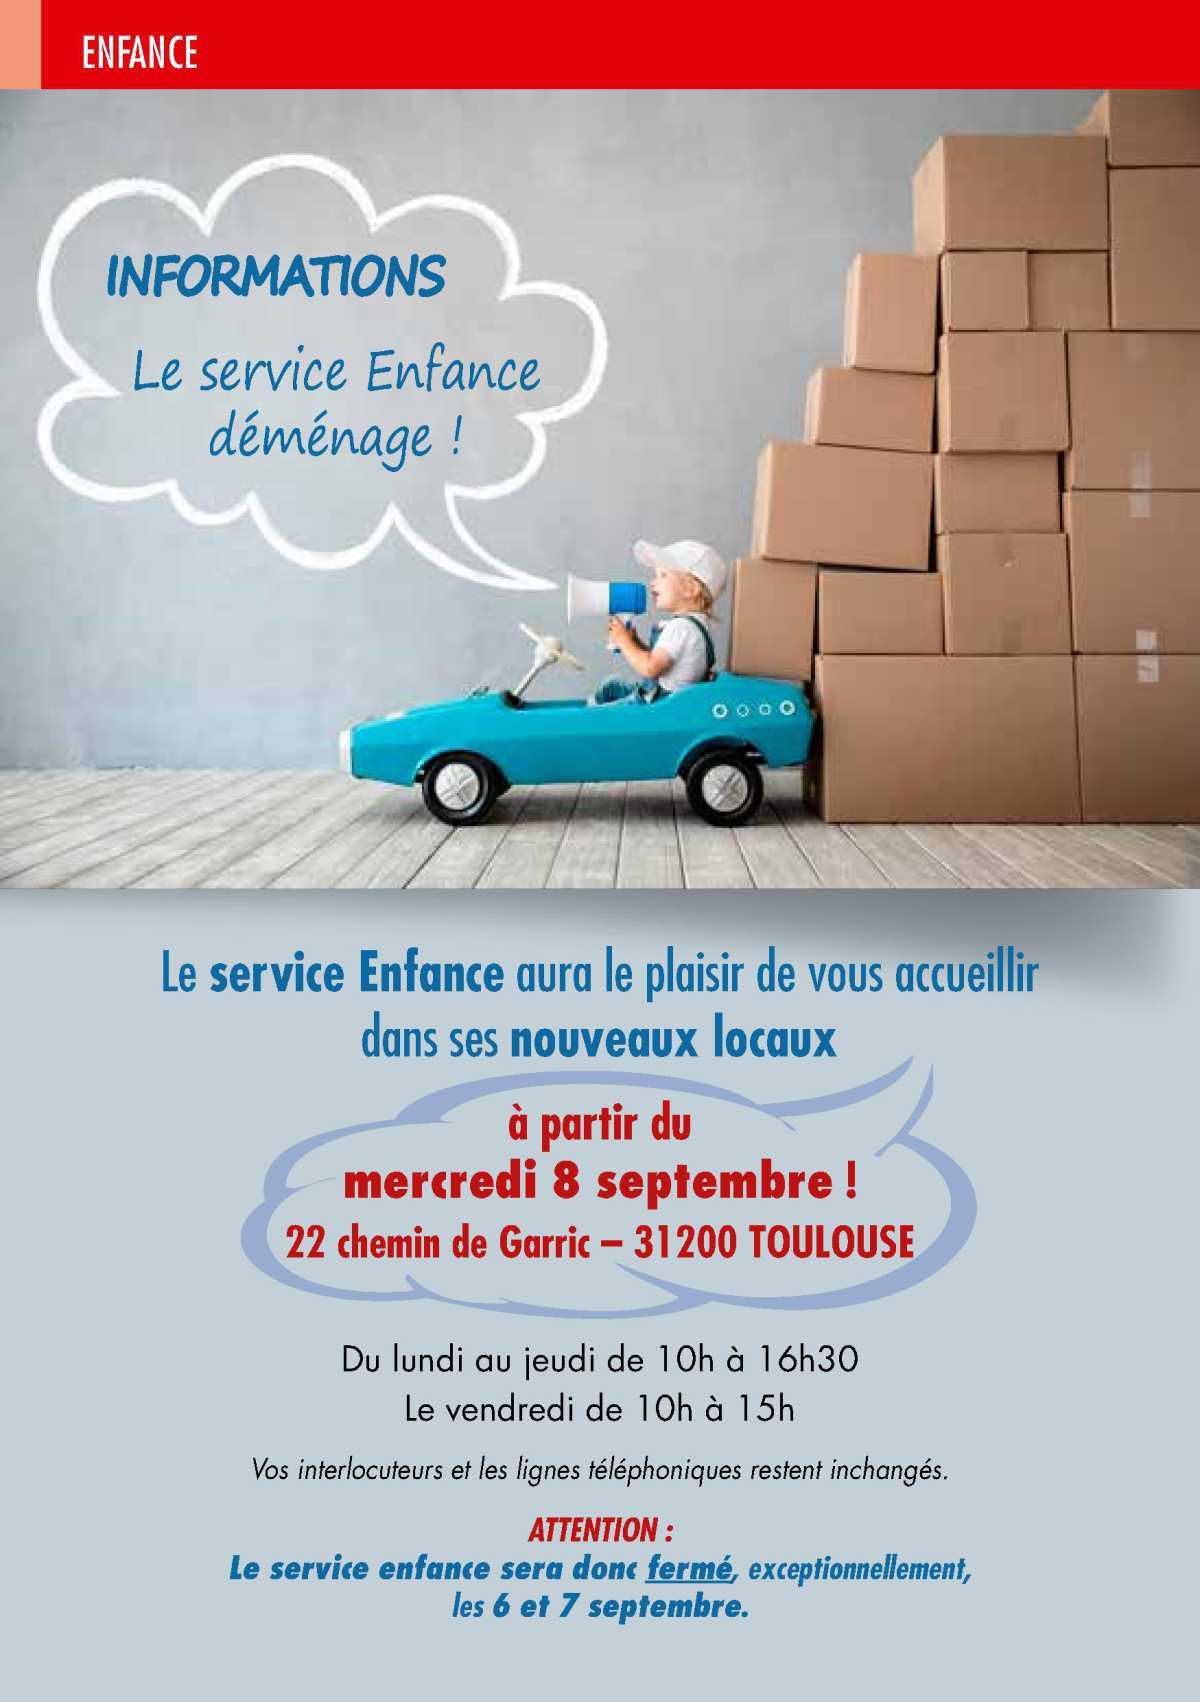 Info CSE: Le service Enfance déménage